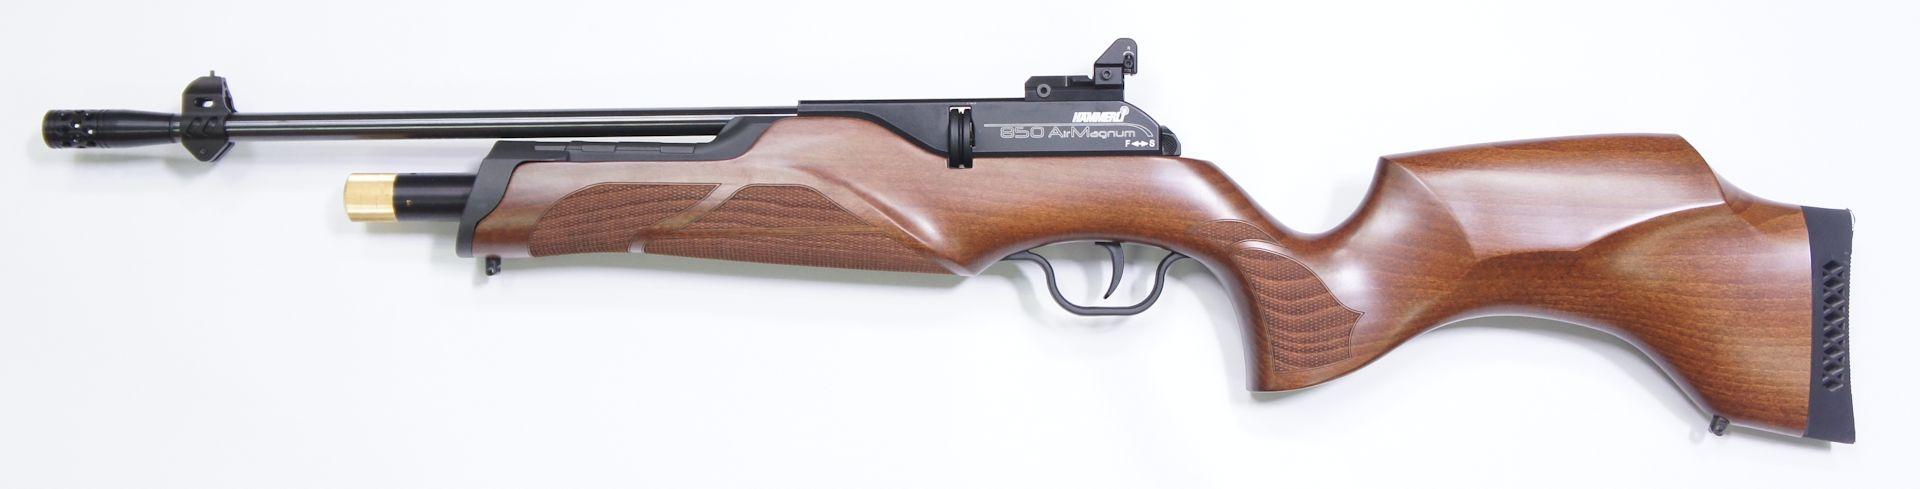 Hämmerli 850 Carbine mit offener Visierung in Form von Korn und Lochkimme